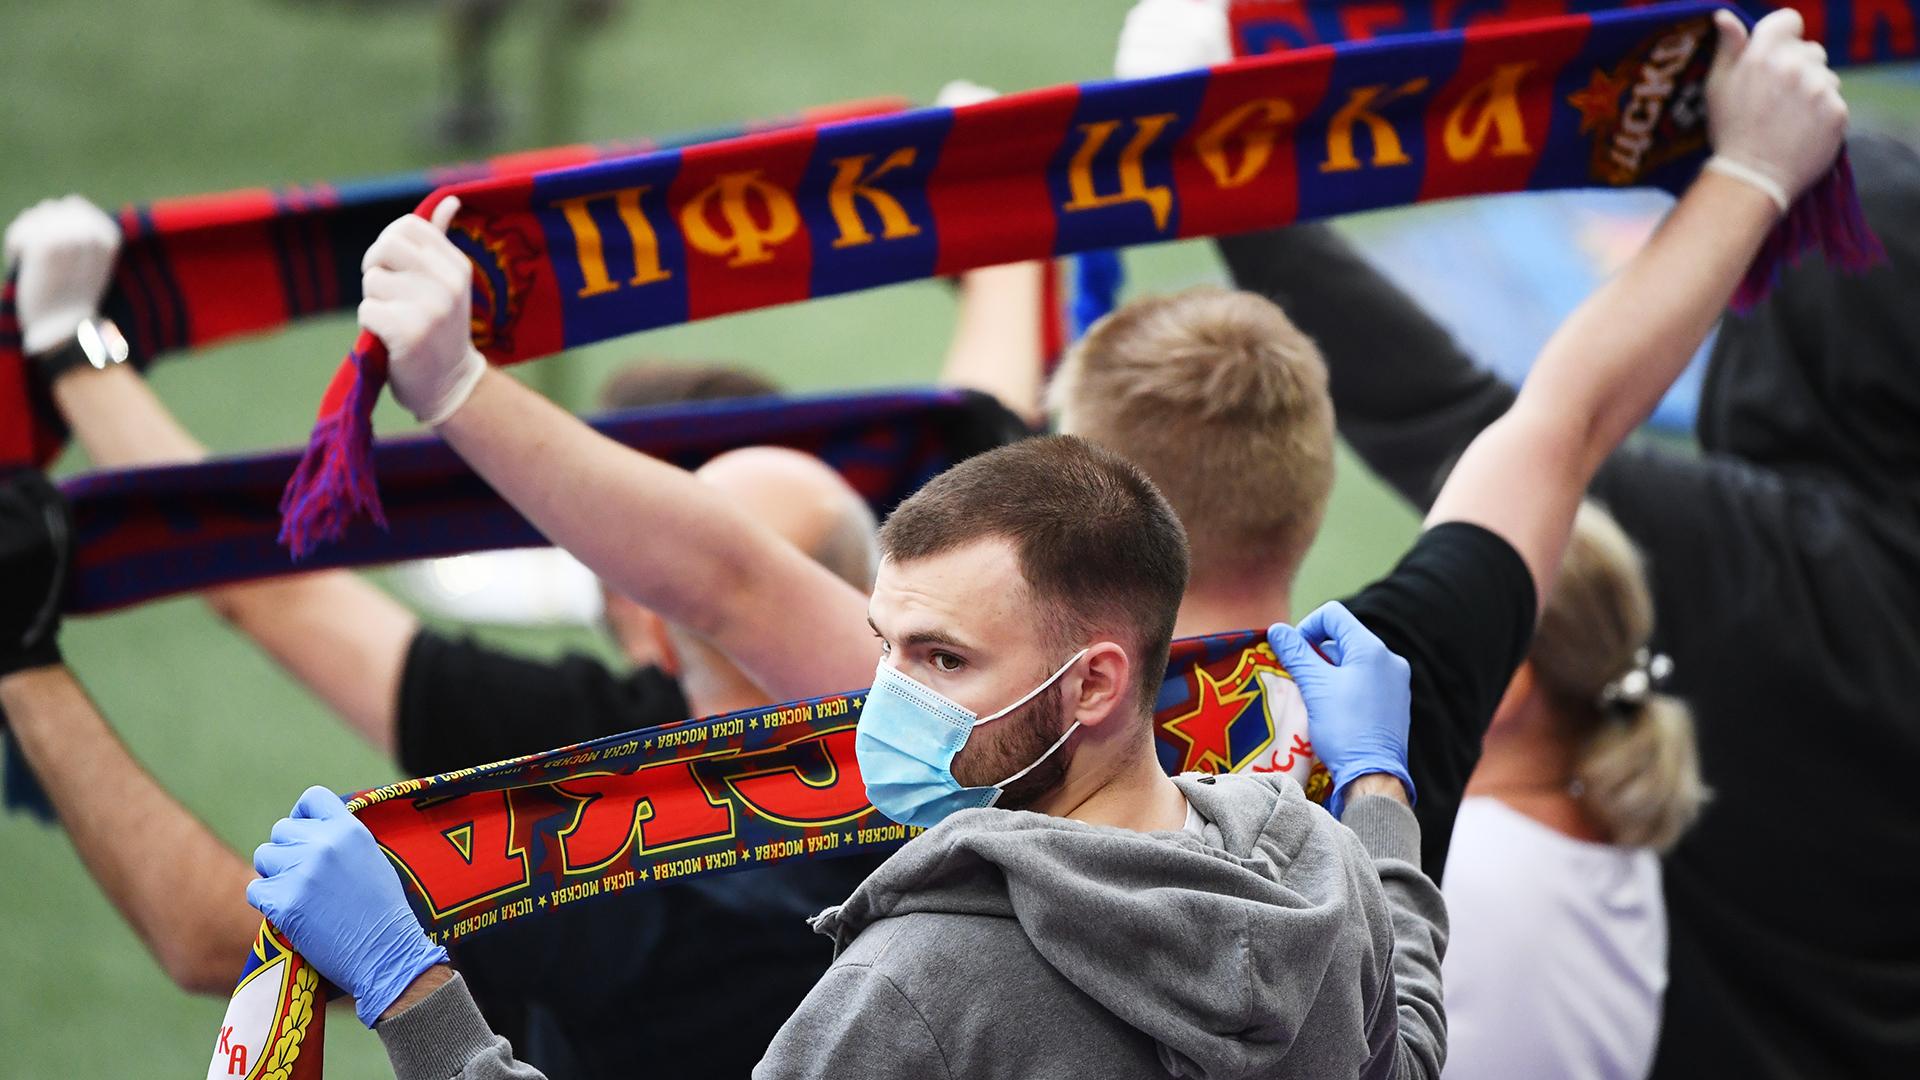 Маска, перчатки, гол: как выглядит футбол во время пандемии | Статьи |  Известия